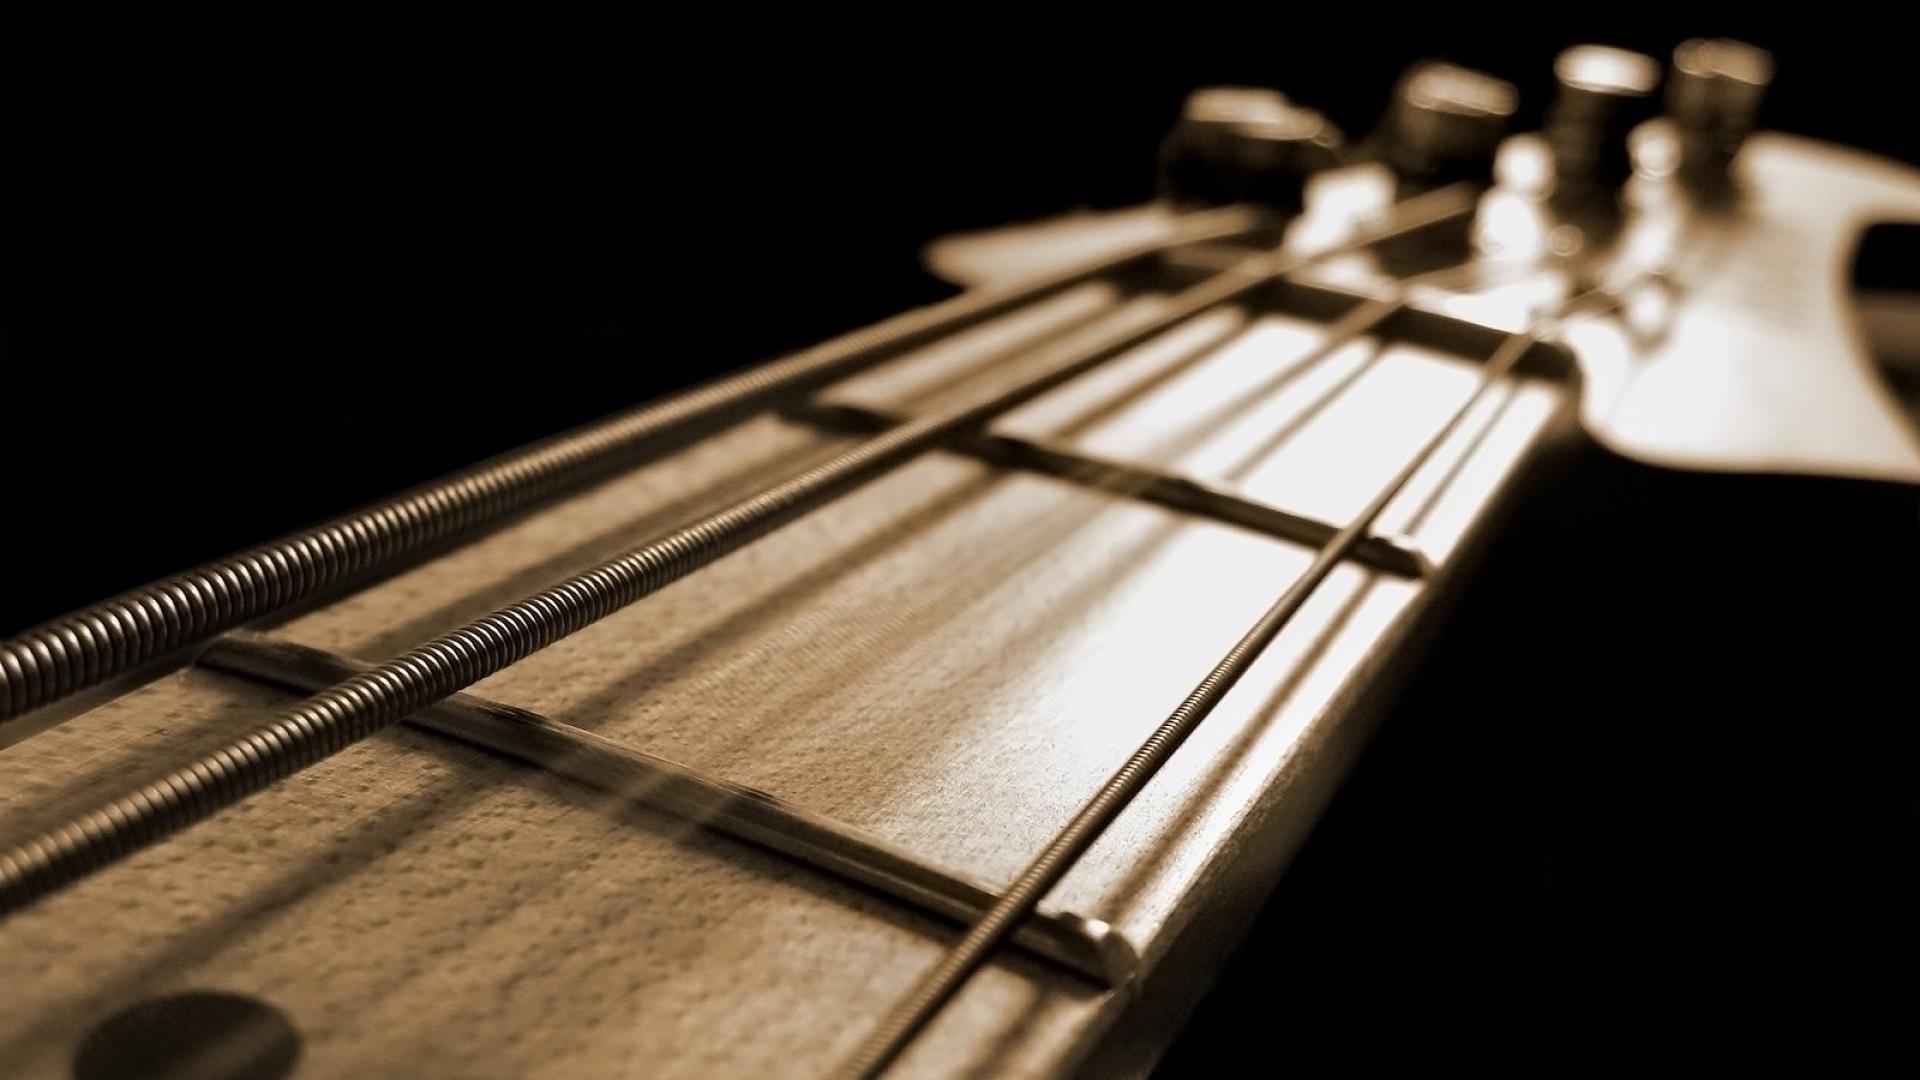 Bass Guitar Wallpapers Top Free Bass Guitar Backgrounds Wallpaperaccess